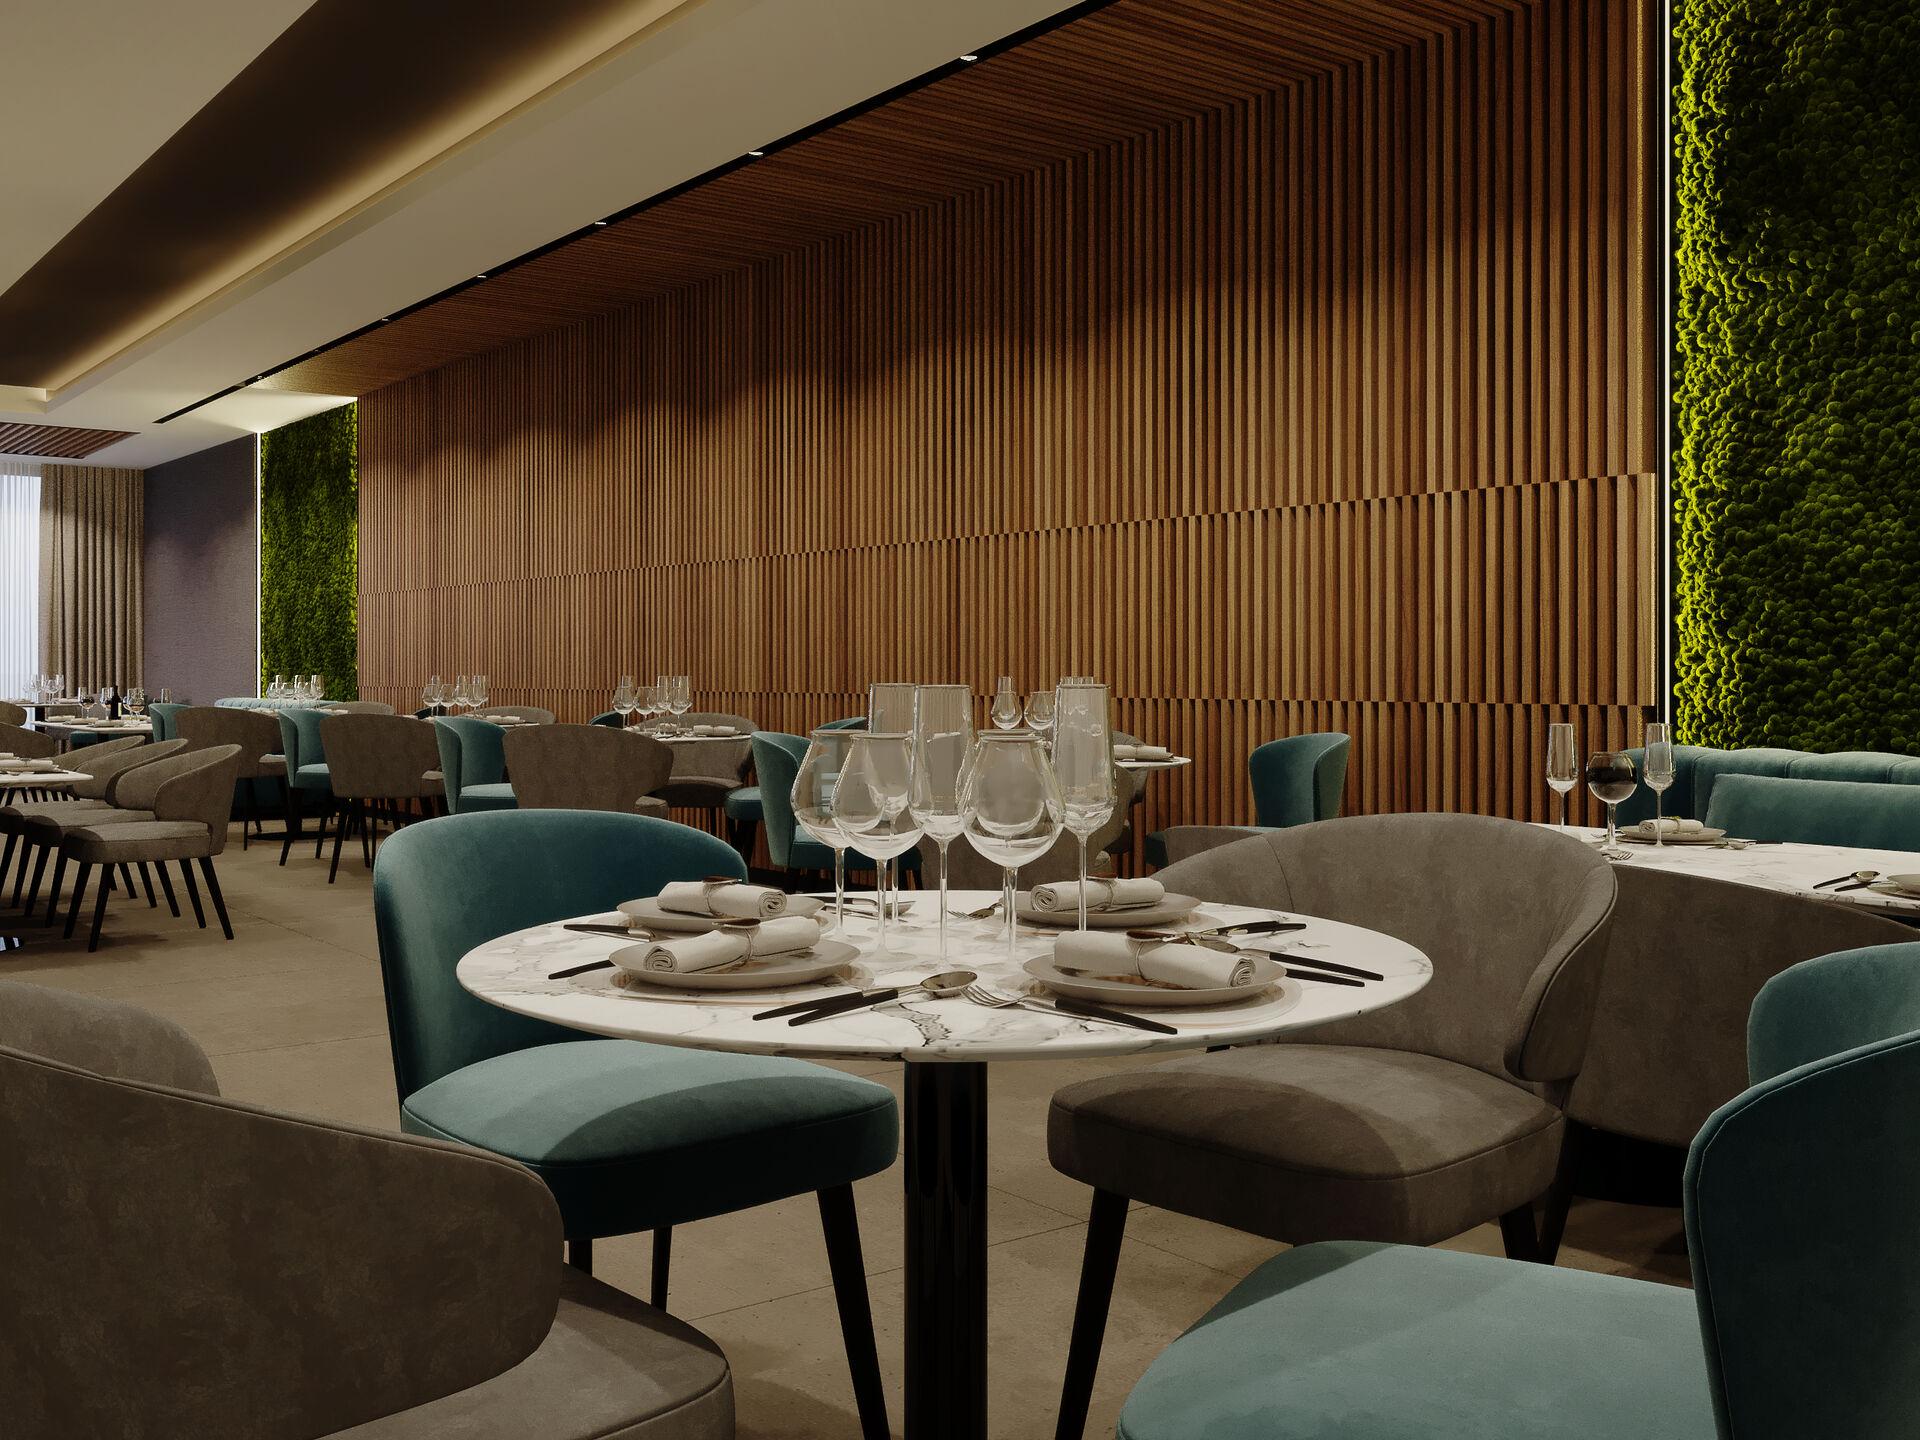 https://cms.satur.sk/data/imgs/tour_image/orig/restaurant_hotel-noemia-3-1949987.jpg